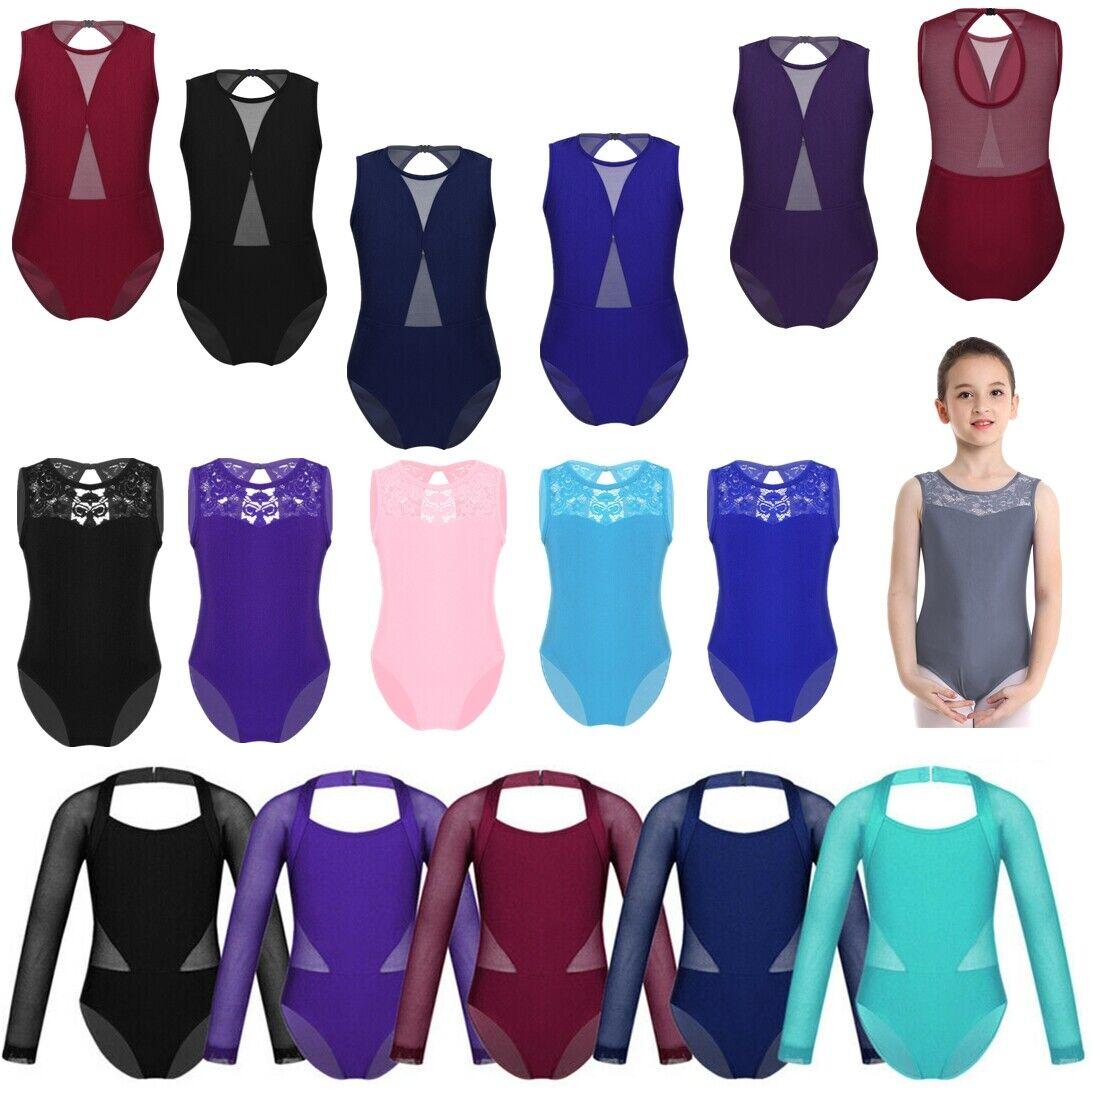 Toddler Girl Ballet Dance Leotard Sports Bodysuit Yoga Unitard Dancewear Costume